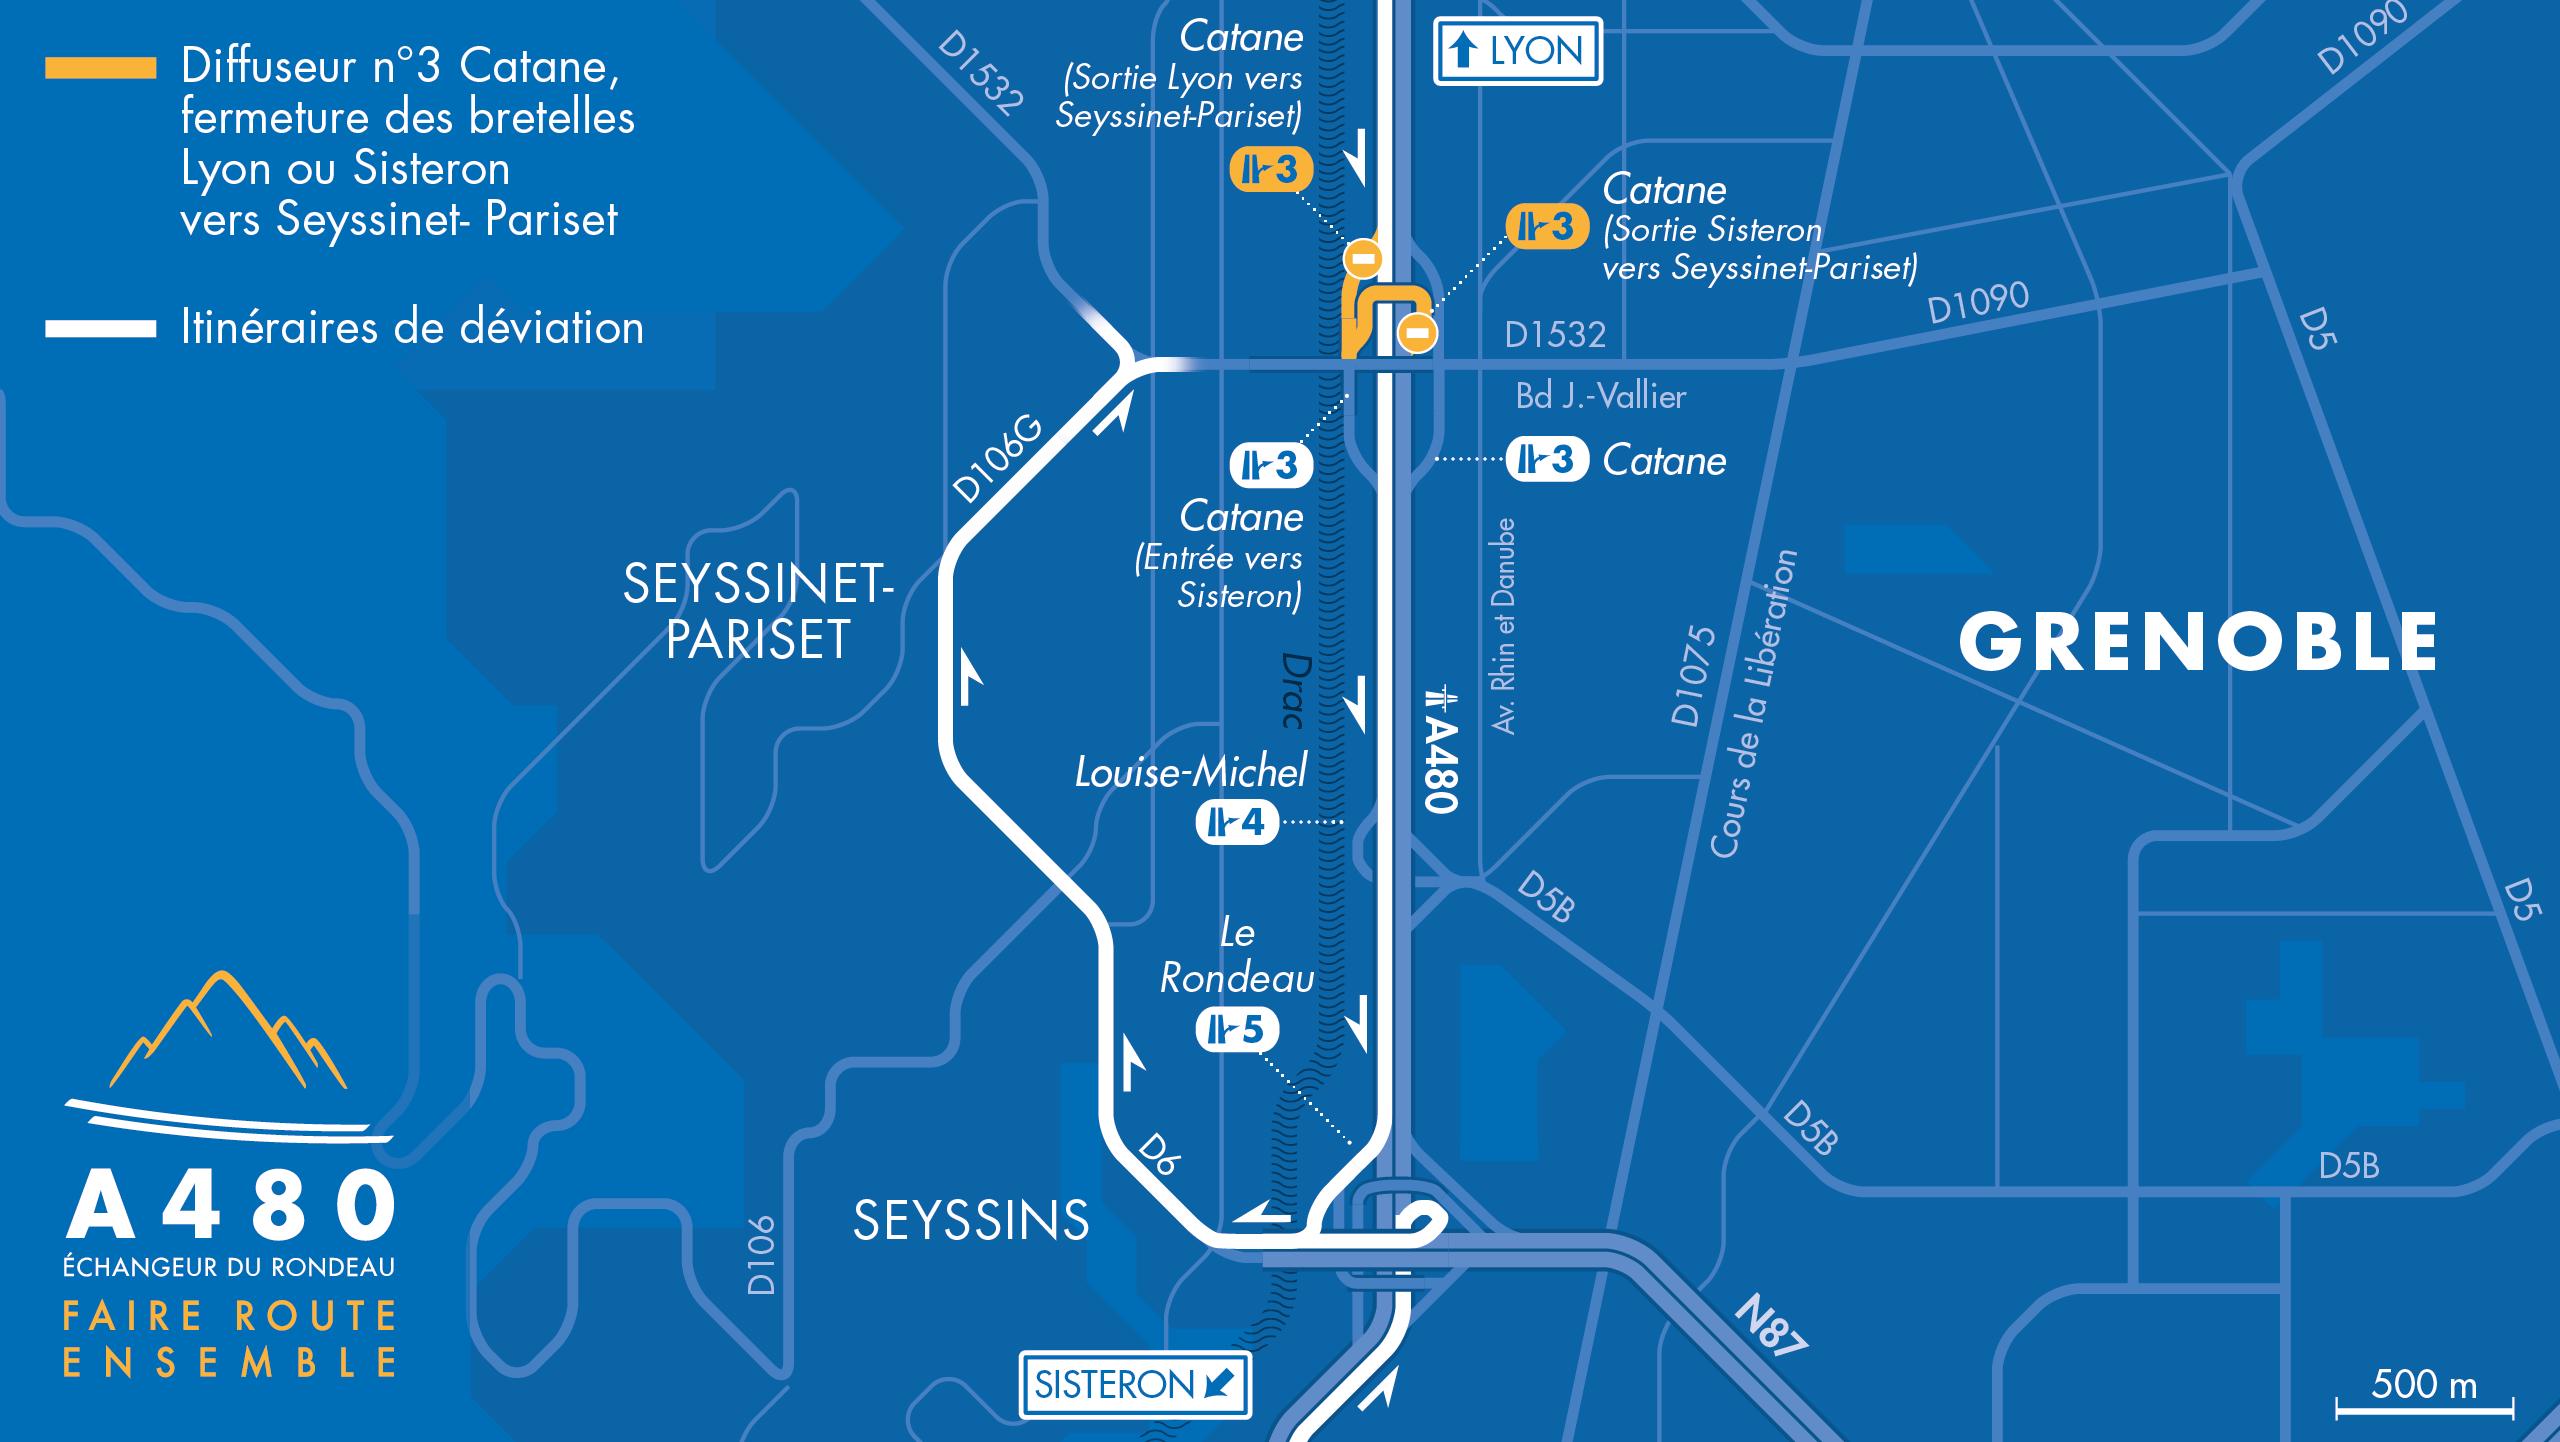 carte des déviations suite à la fermeture des bretelles de sortie vers Seyssinet-Pariset en venant de Lyon et en venant de Sisteron.